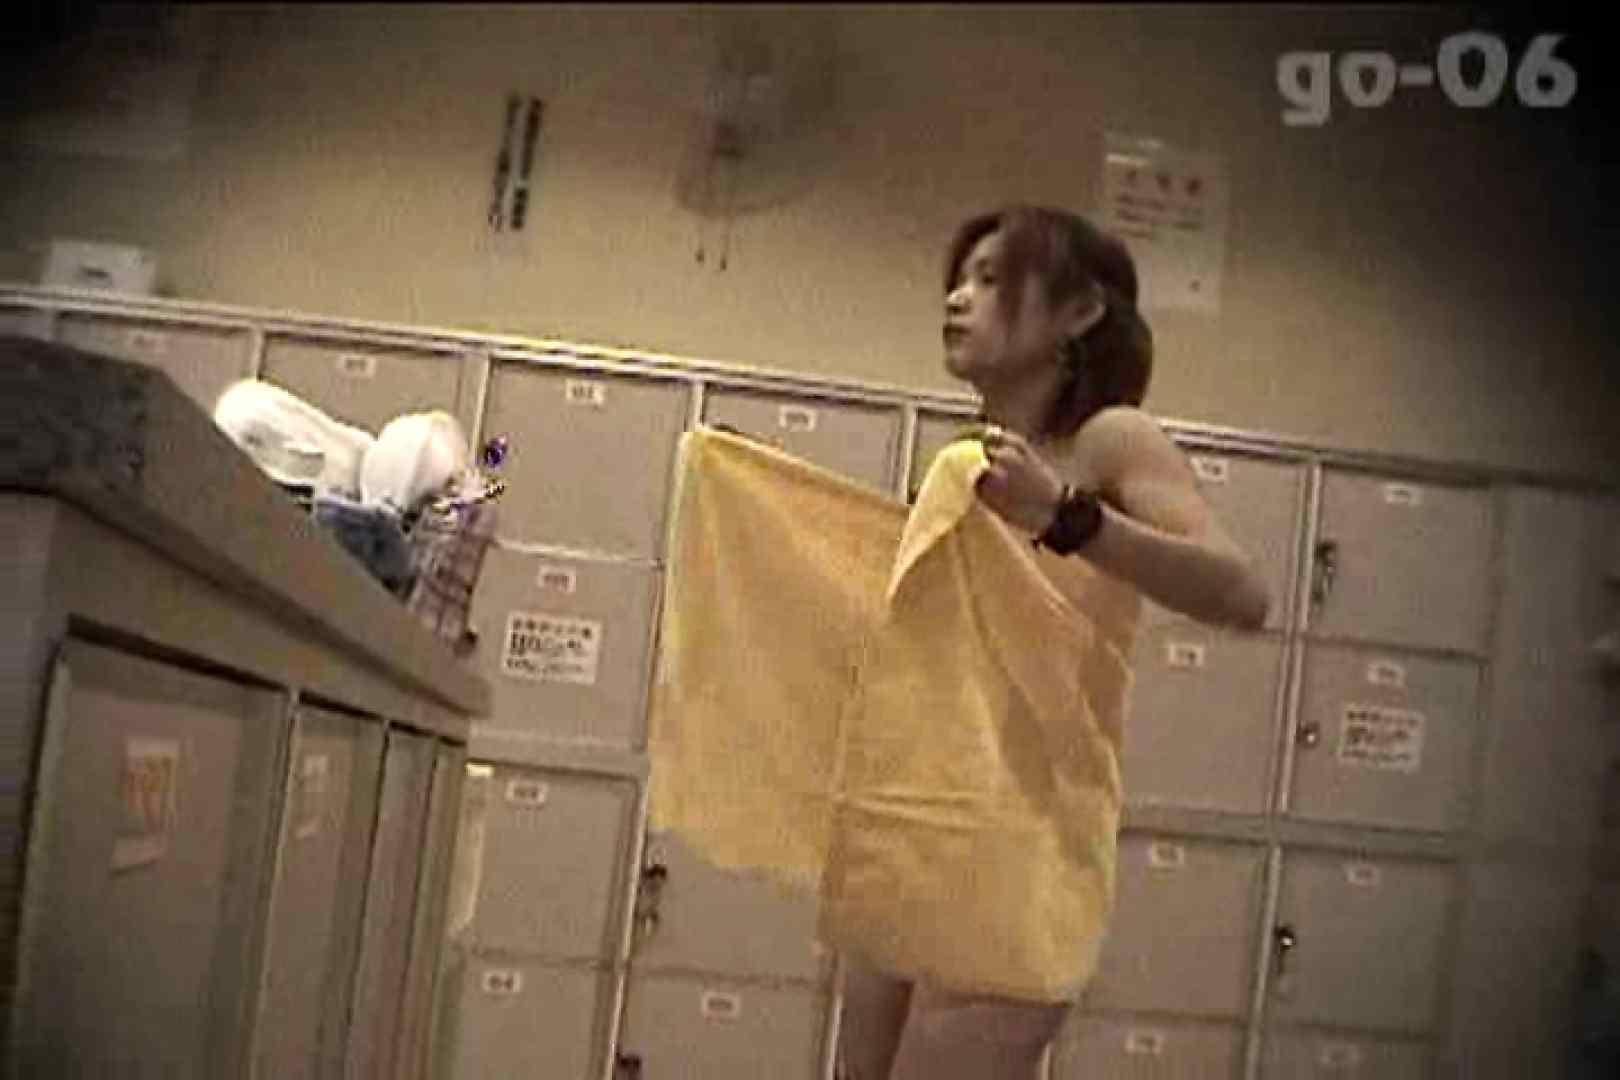 電波カメラ設置浴場からの防HAN映像 Vol.06 エッチなお姉さん おめこ無修正動画無料 106画像 39